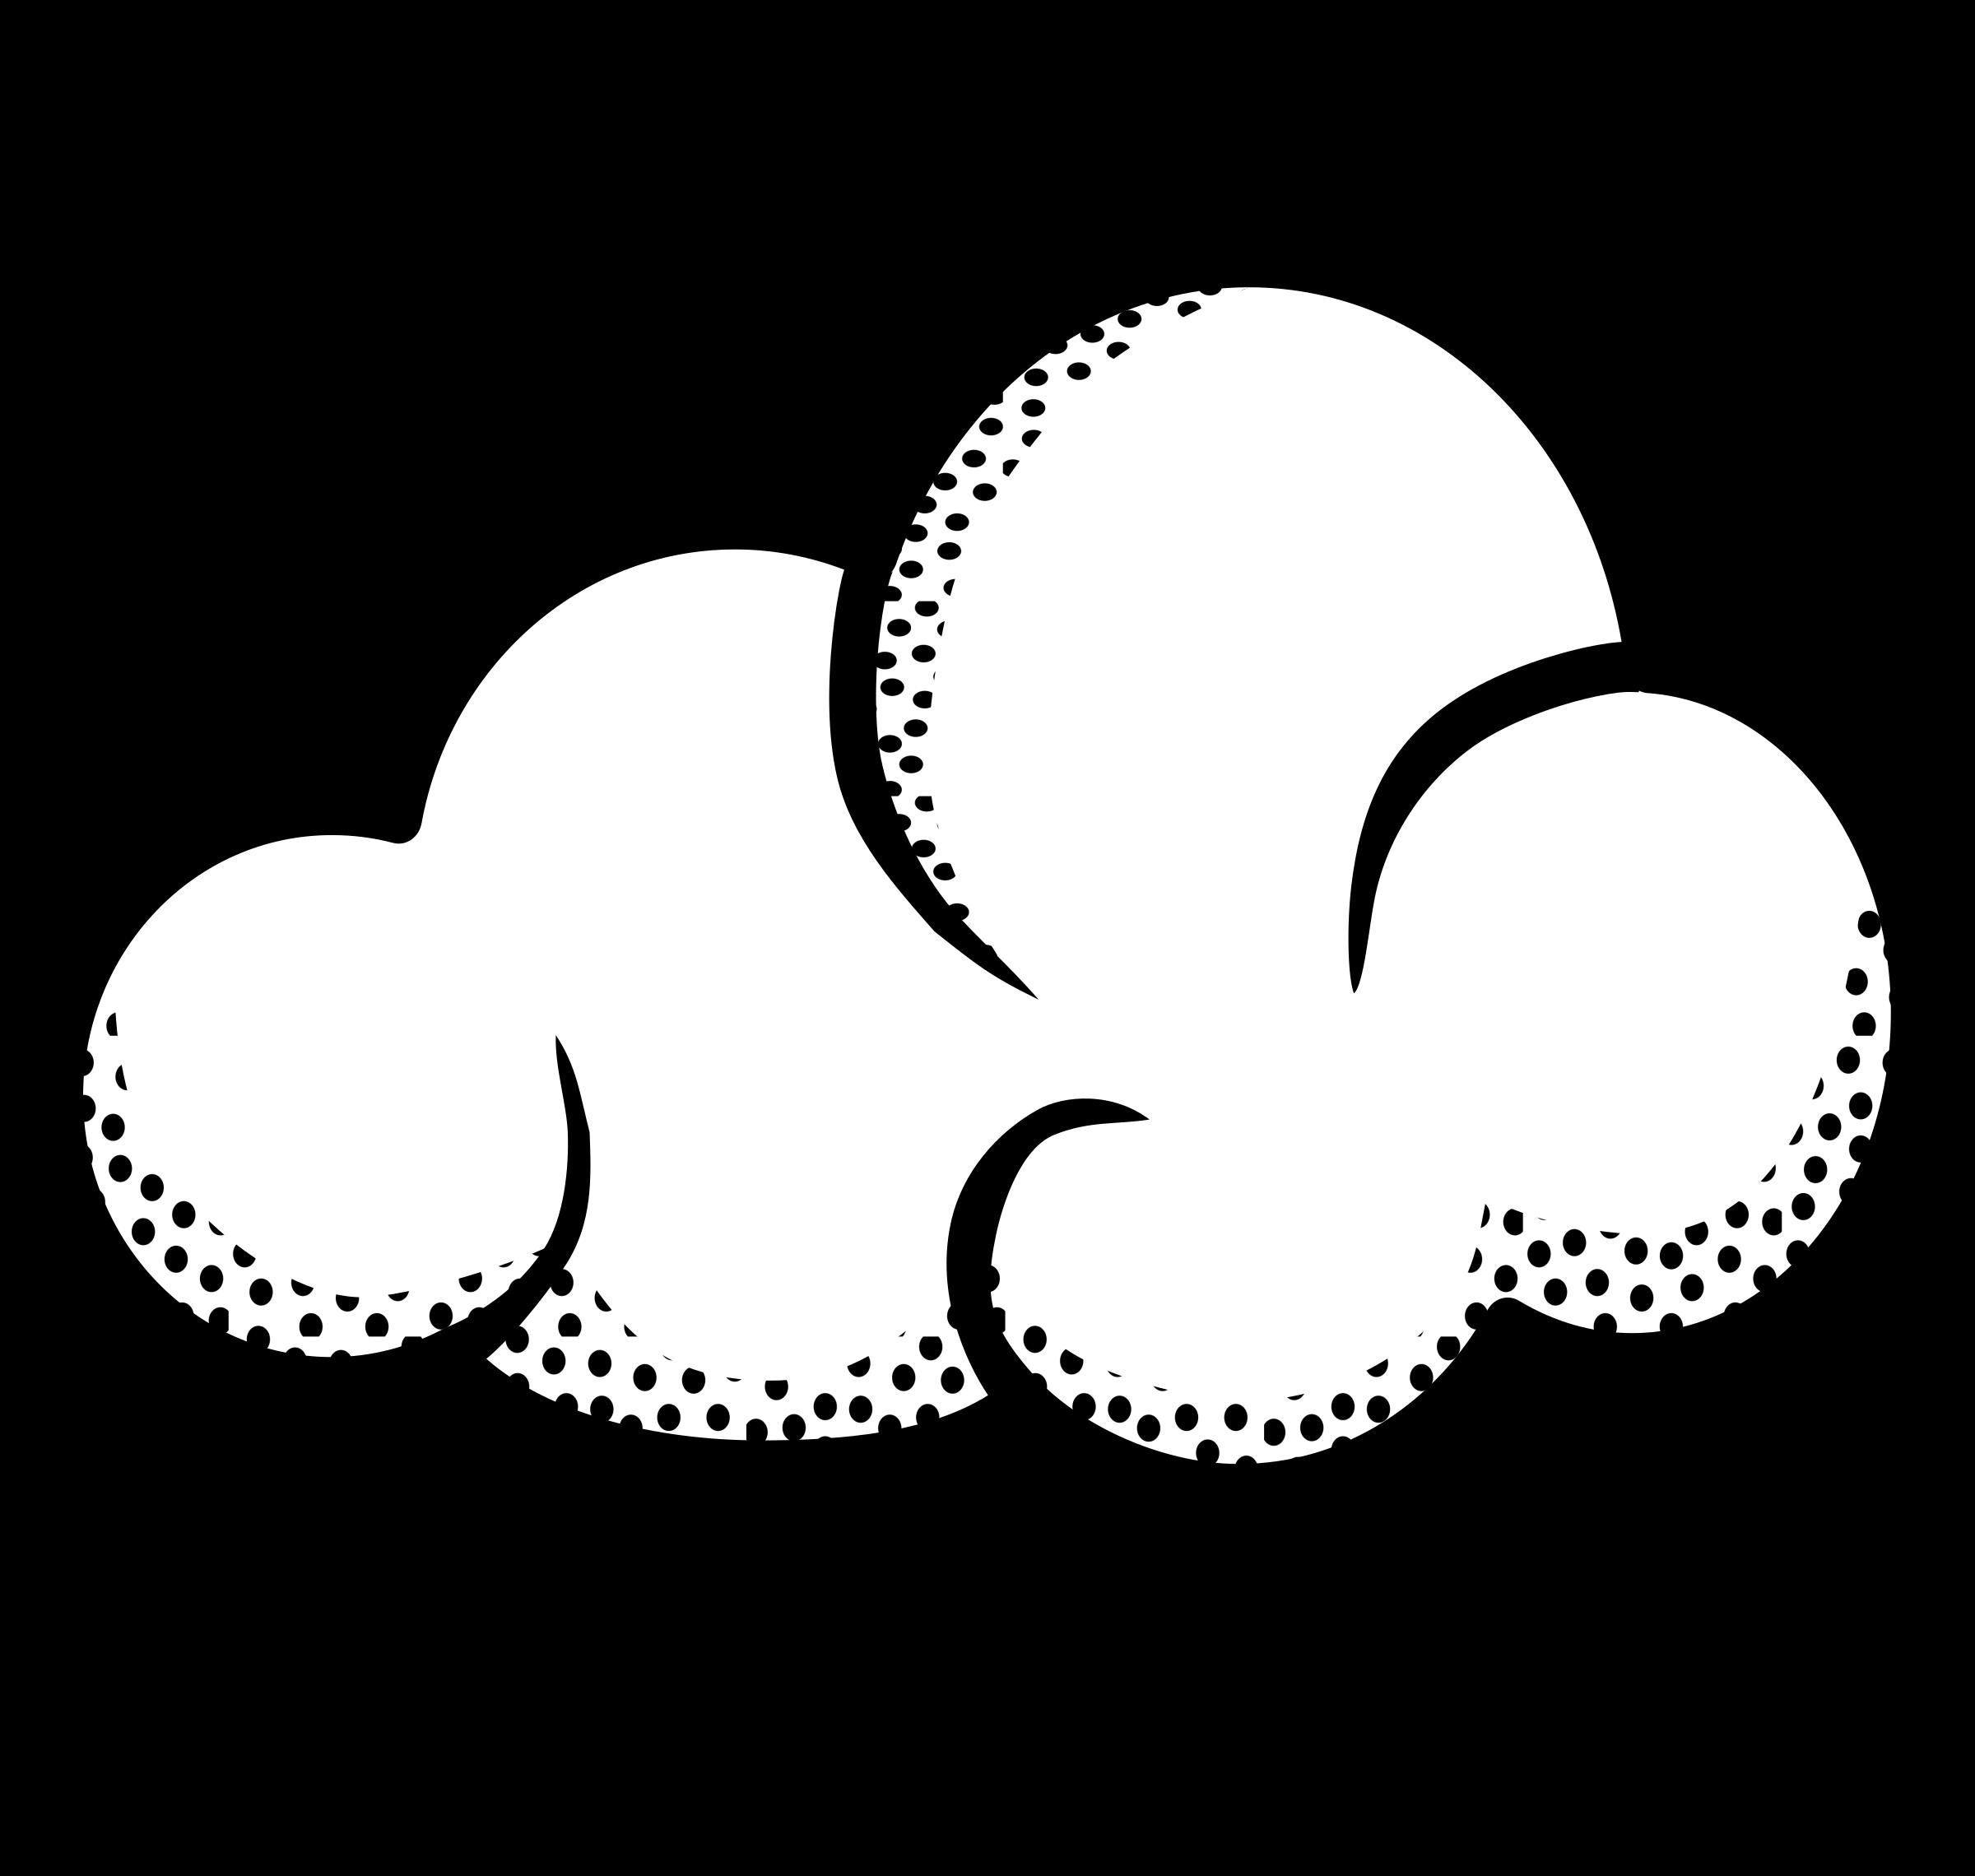 Cloud lineart big image. Clouds clipart line art